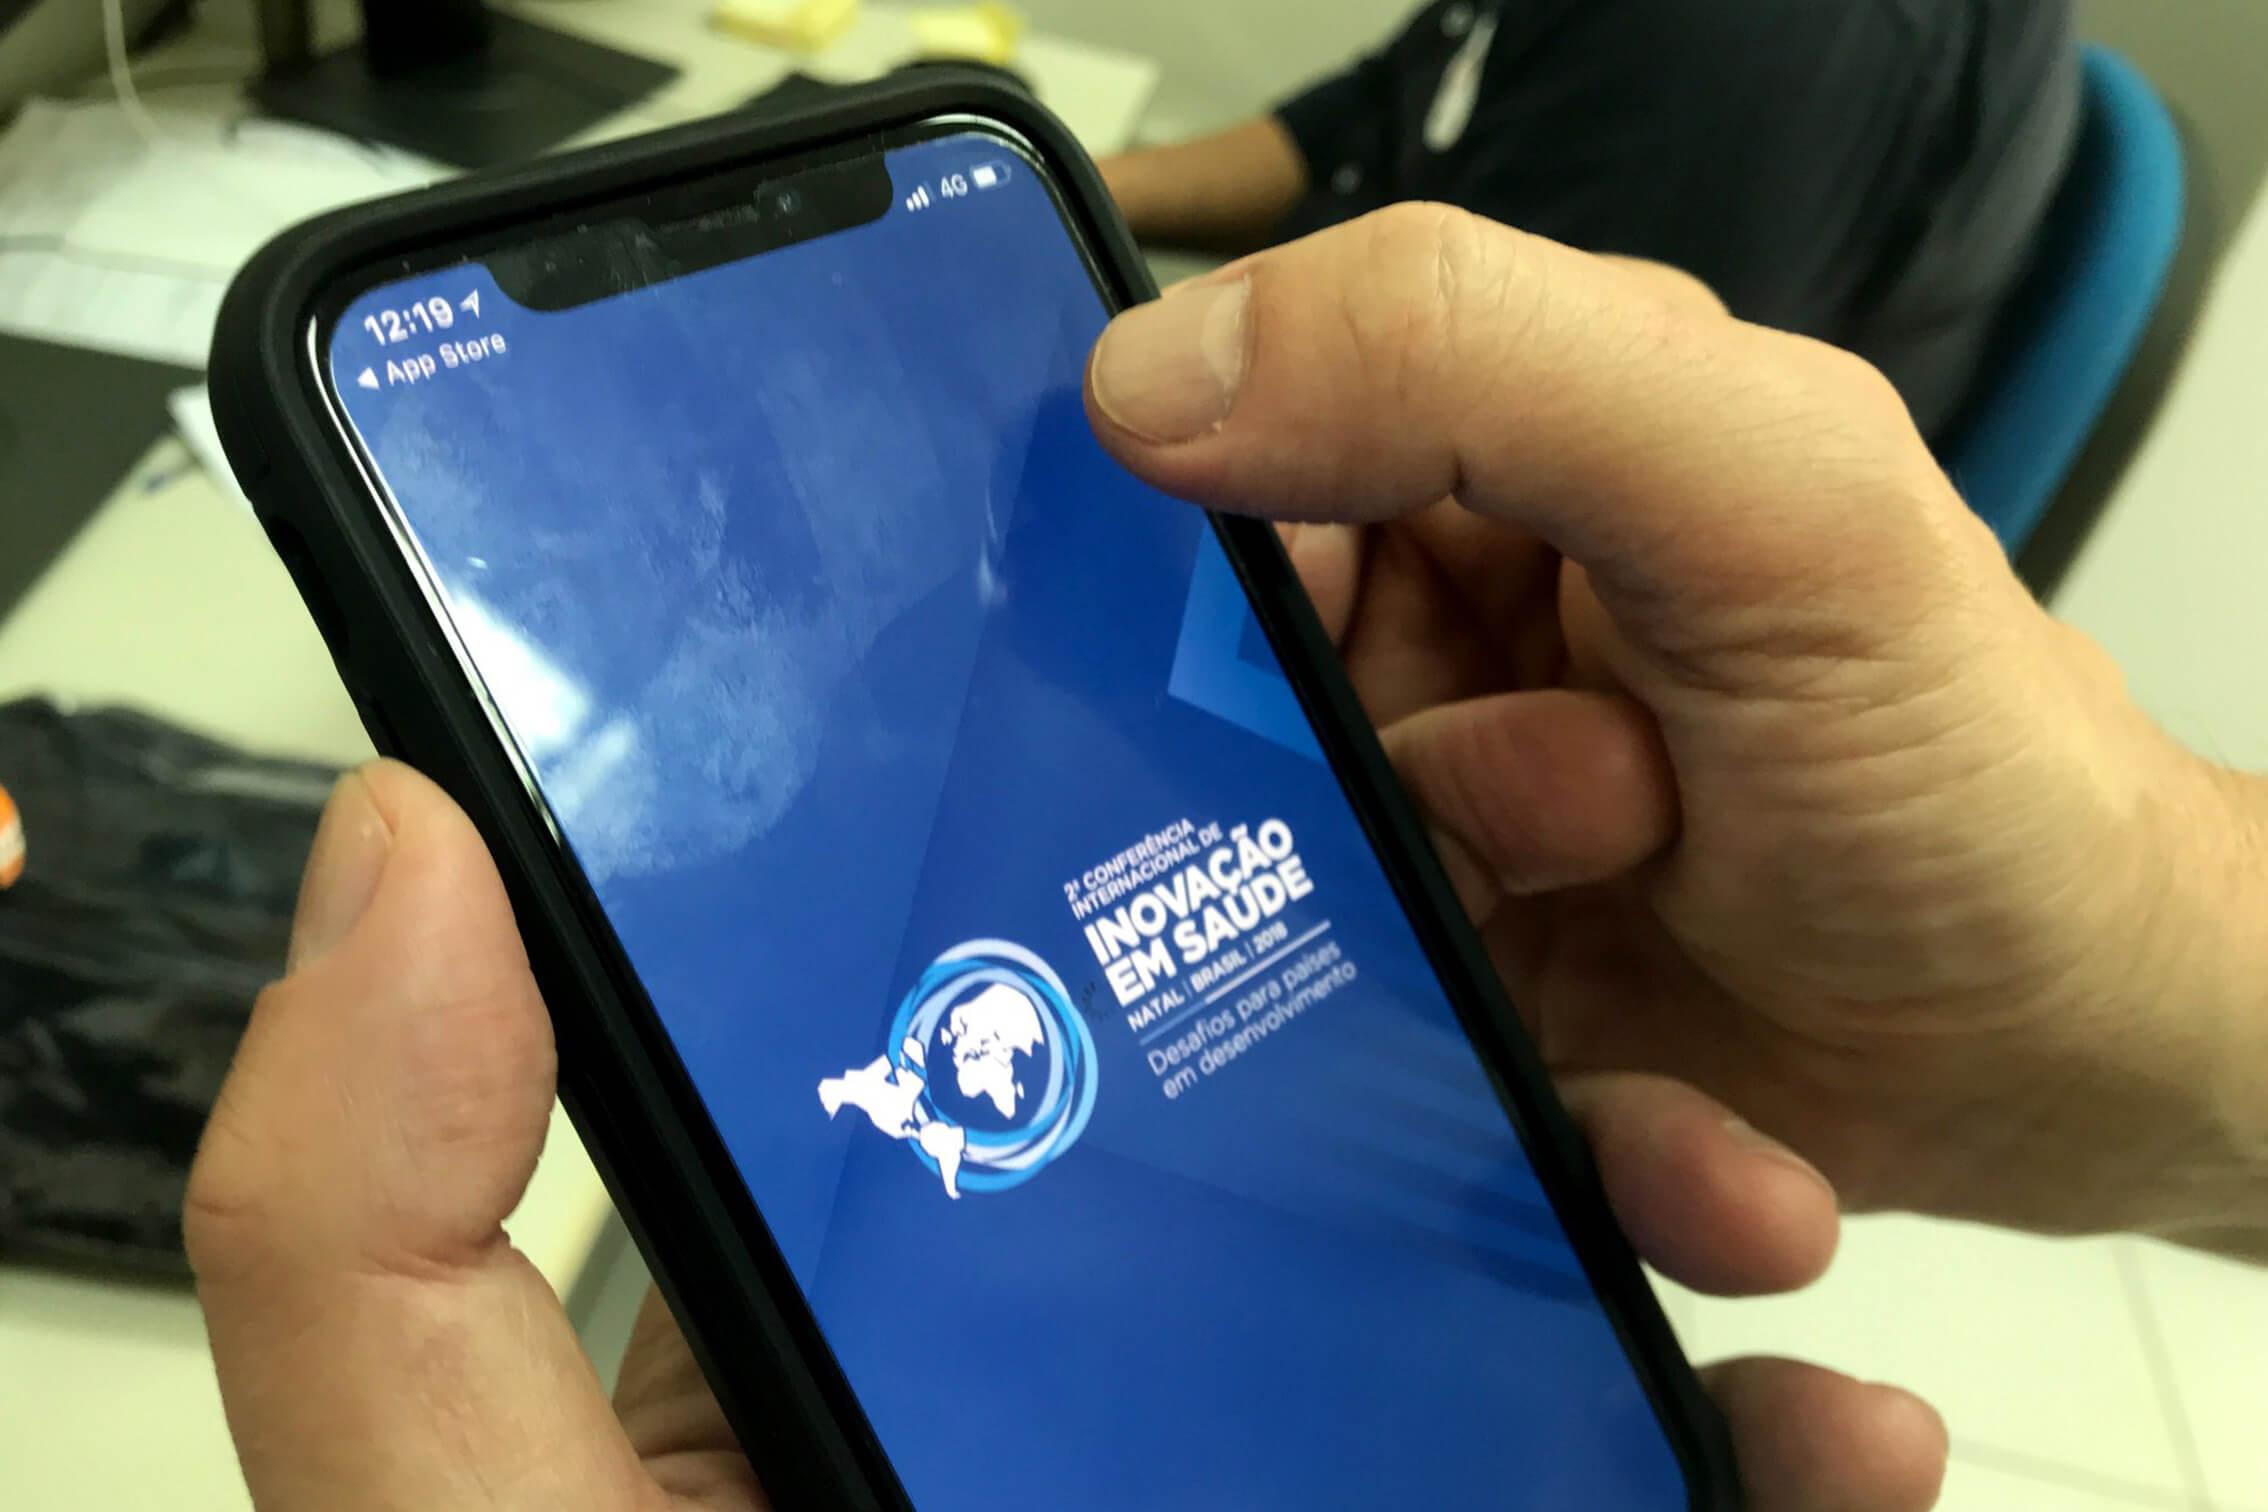 Conferência Internacional de Inovação em Saúde lança aplicativo; evento terá transmissão pelo G1